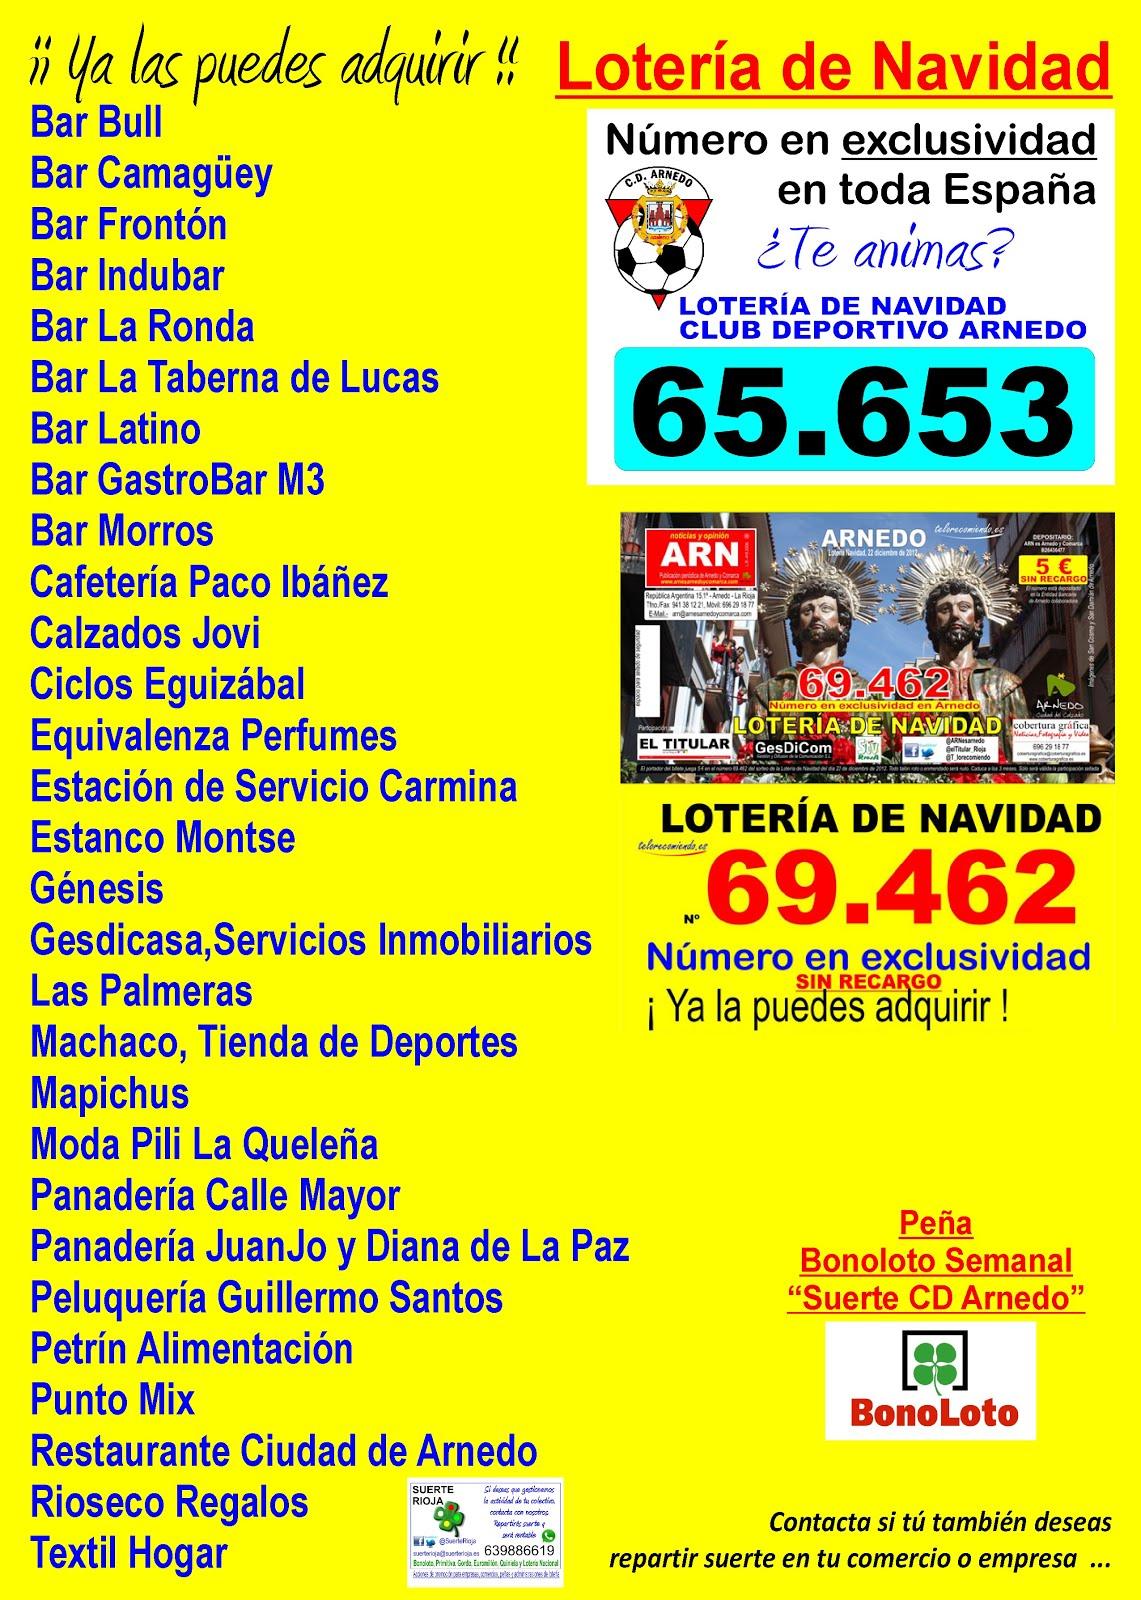 65653 69462 Lotería de Navidad Puntos de Distribución